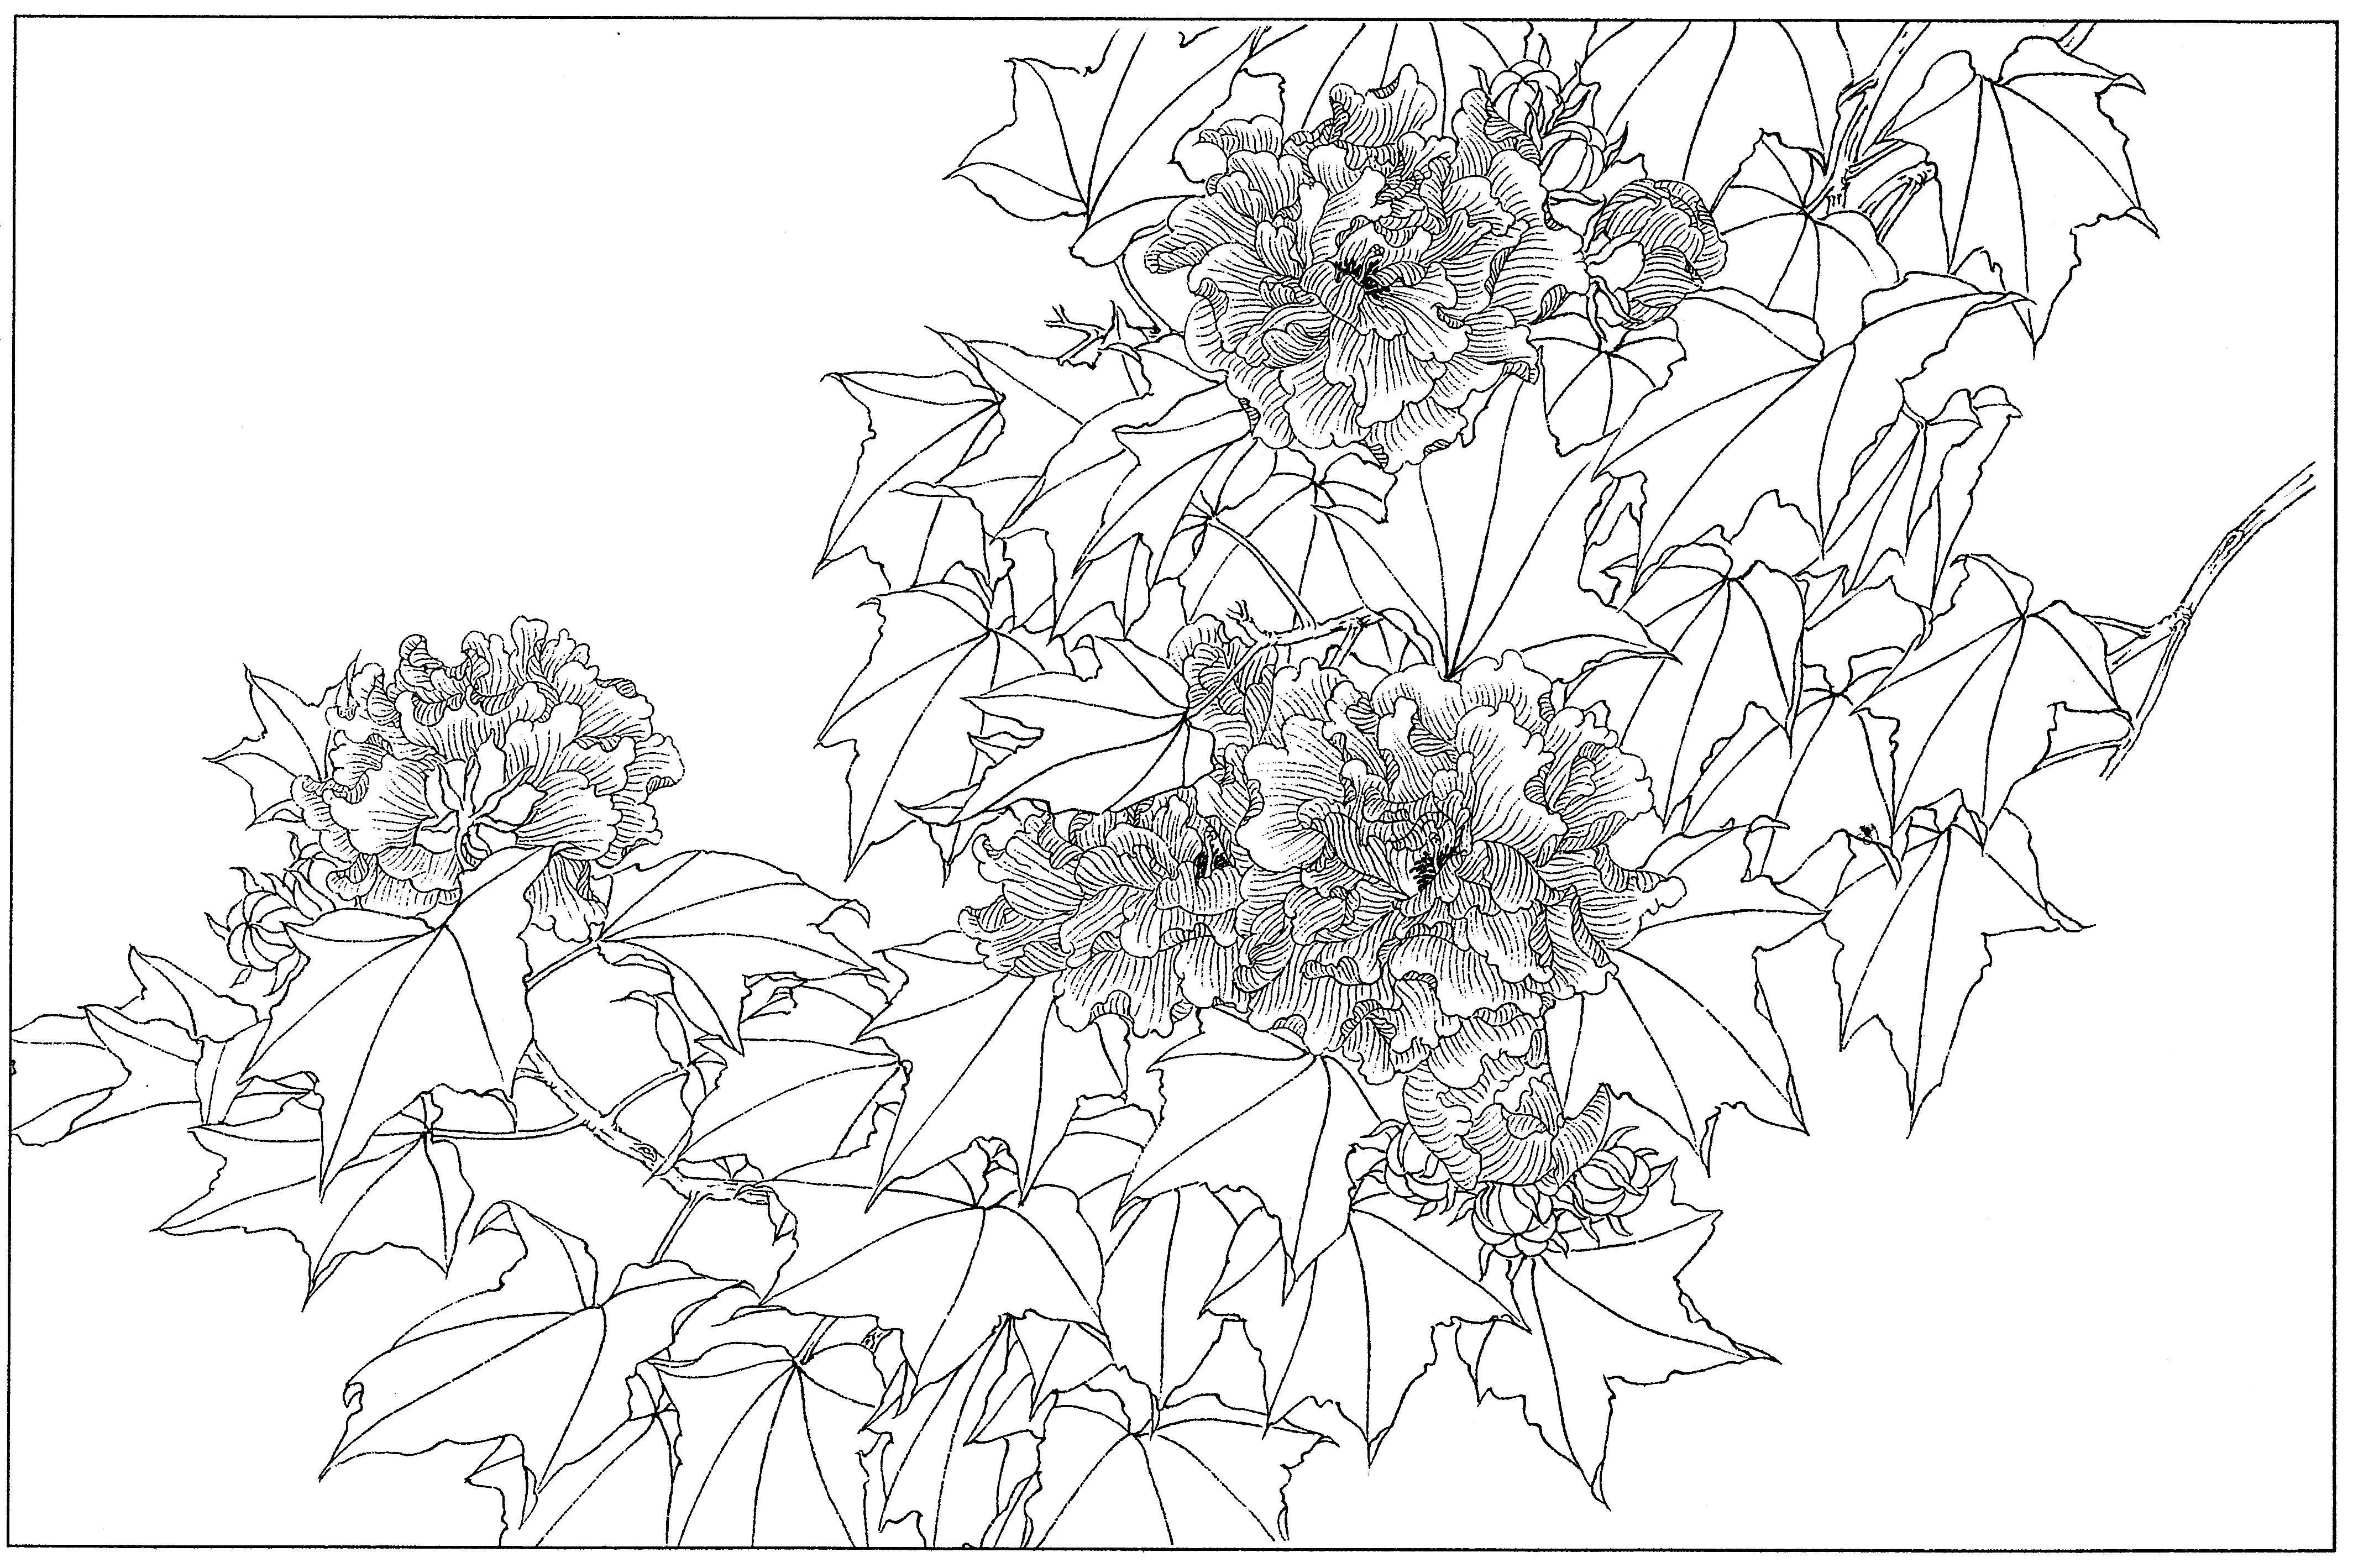 芙蓉花鸟高清工笔花卉白描线稿丨手绘素材上色练习